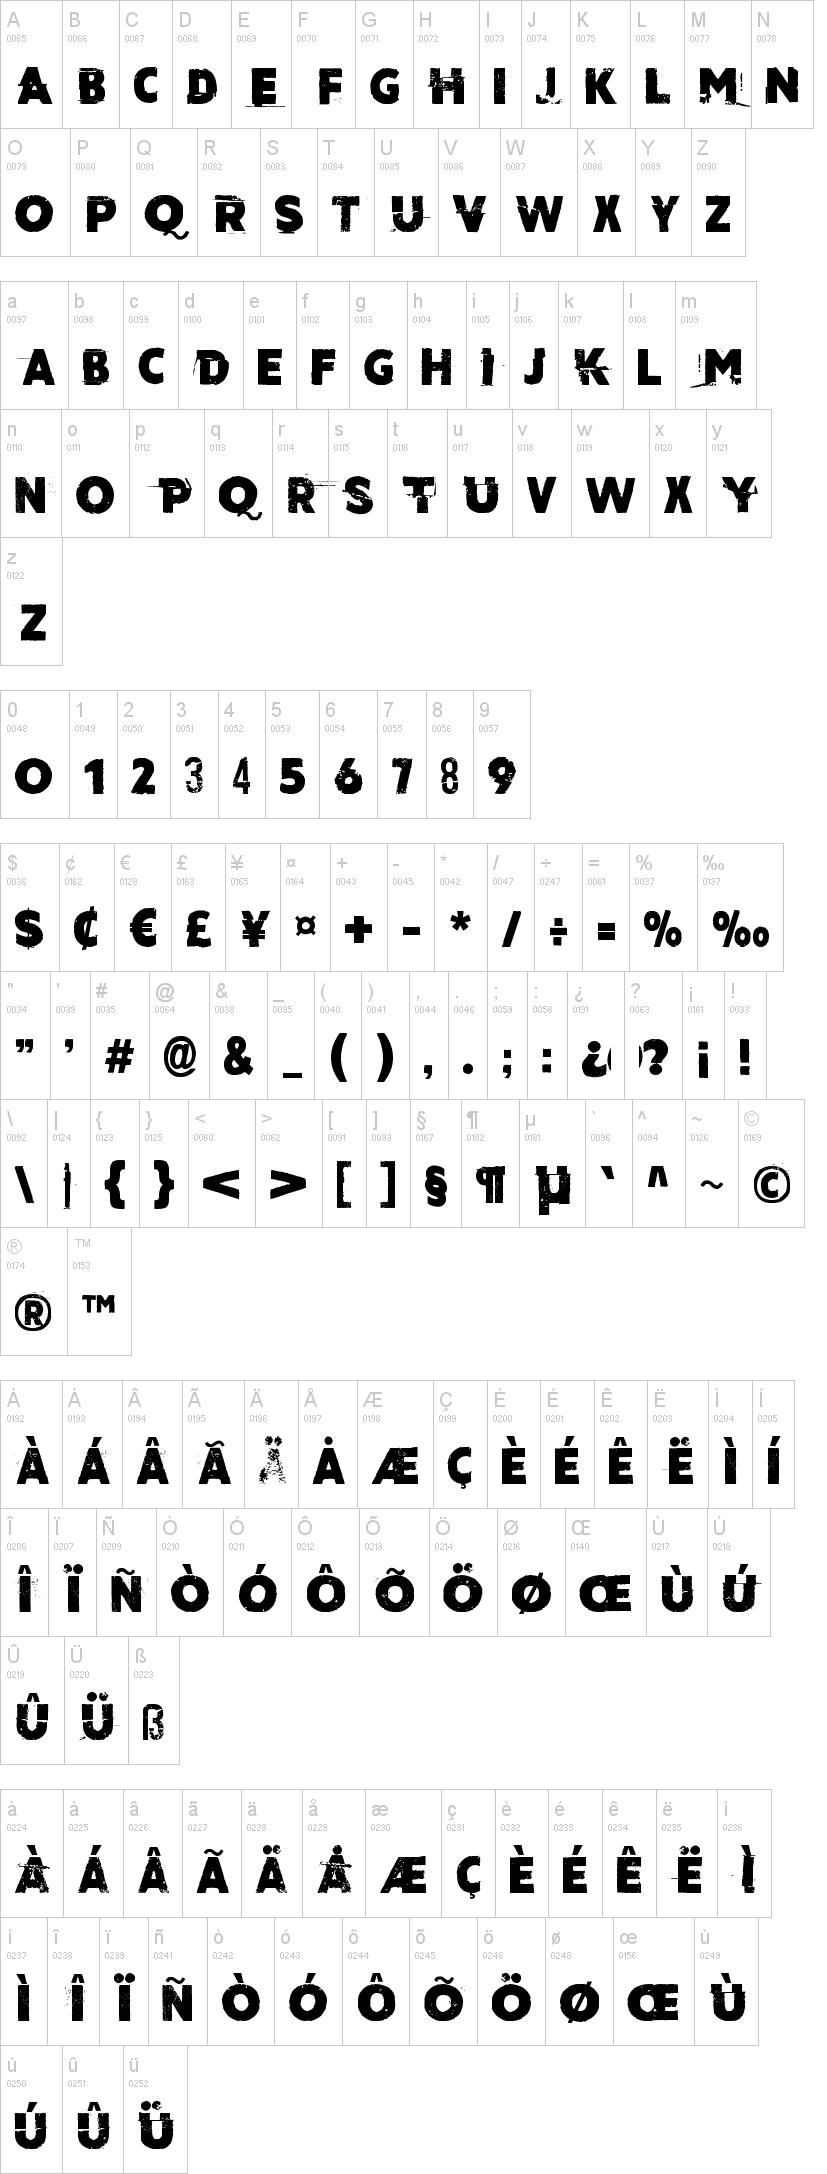 Cut the crap Font | dafont.com